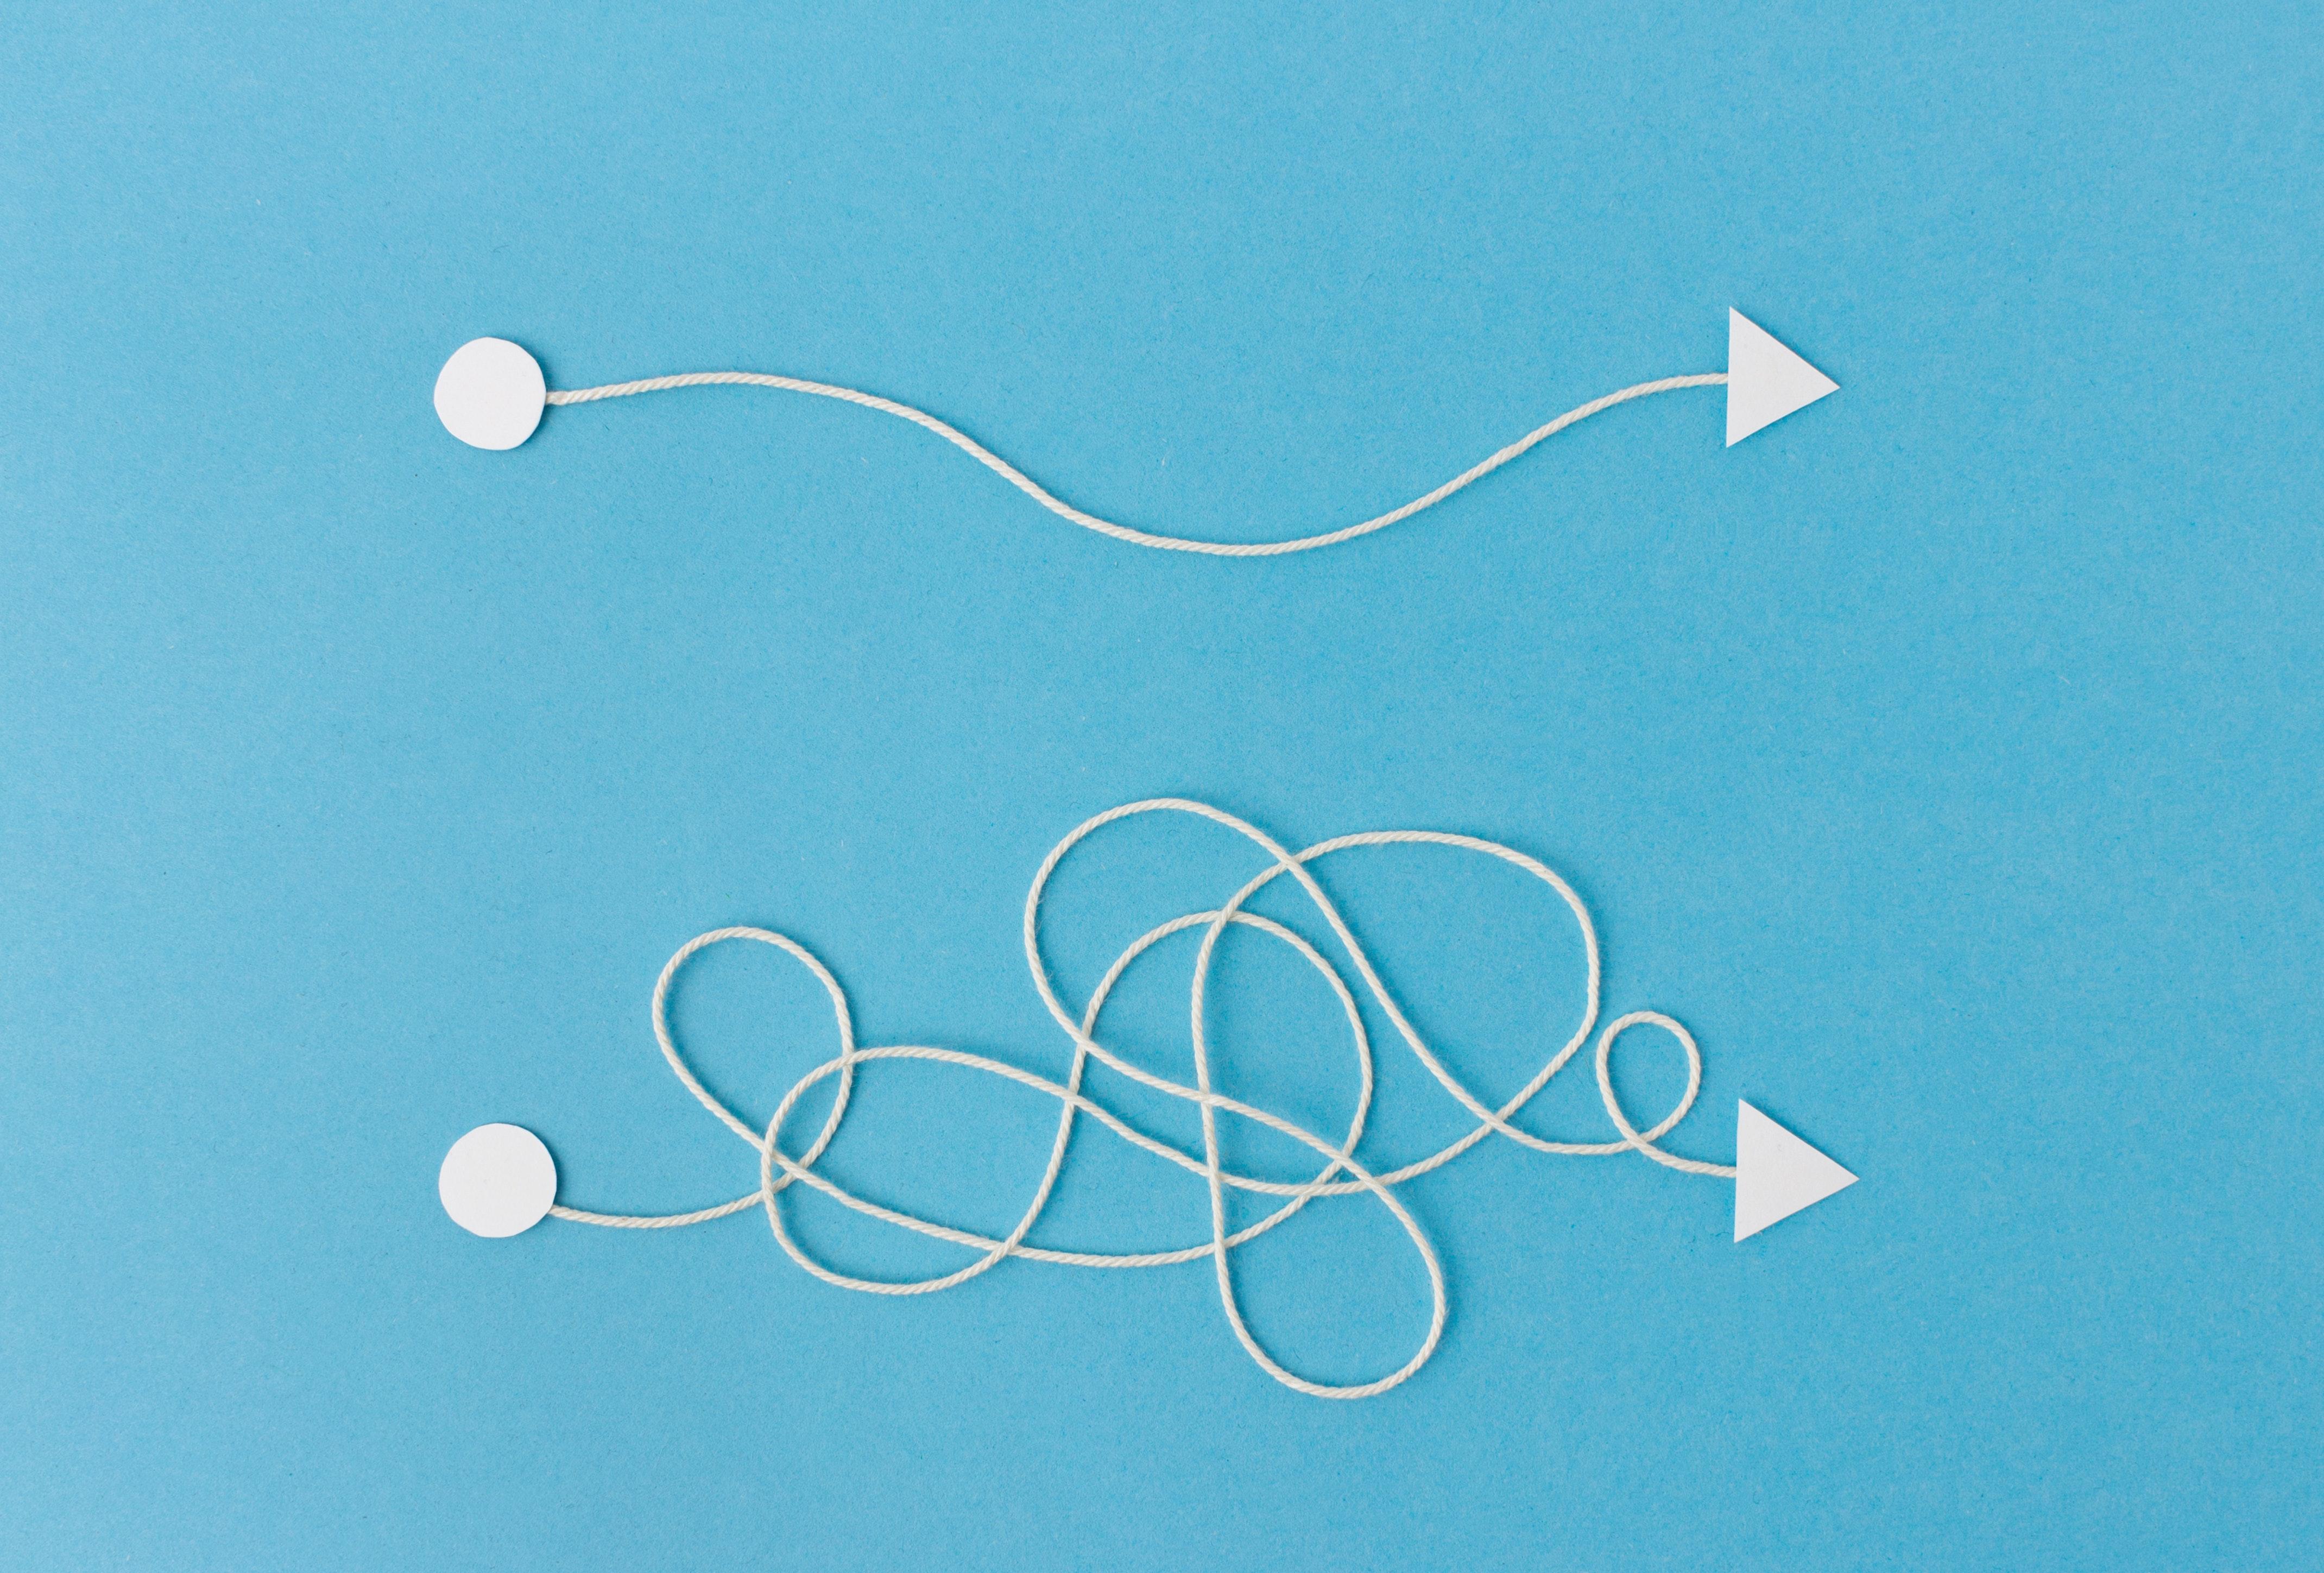 Schnuere Pfeile als Symbolbild fuer Bewerbung Management